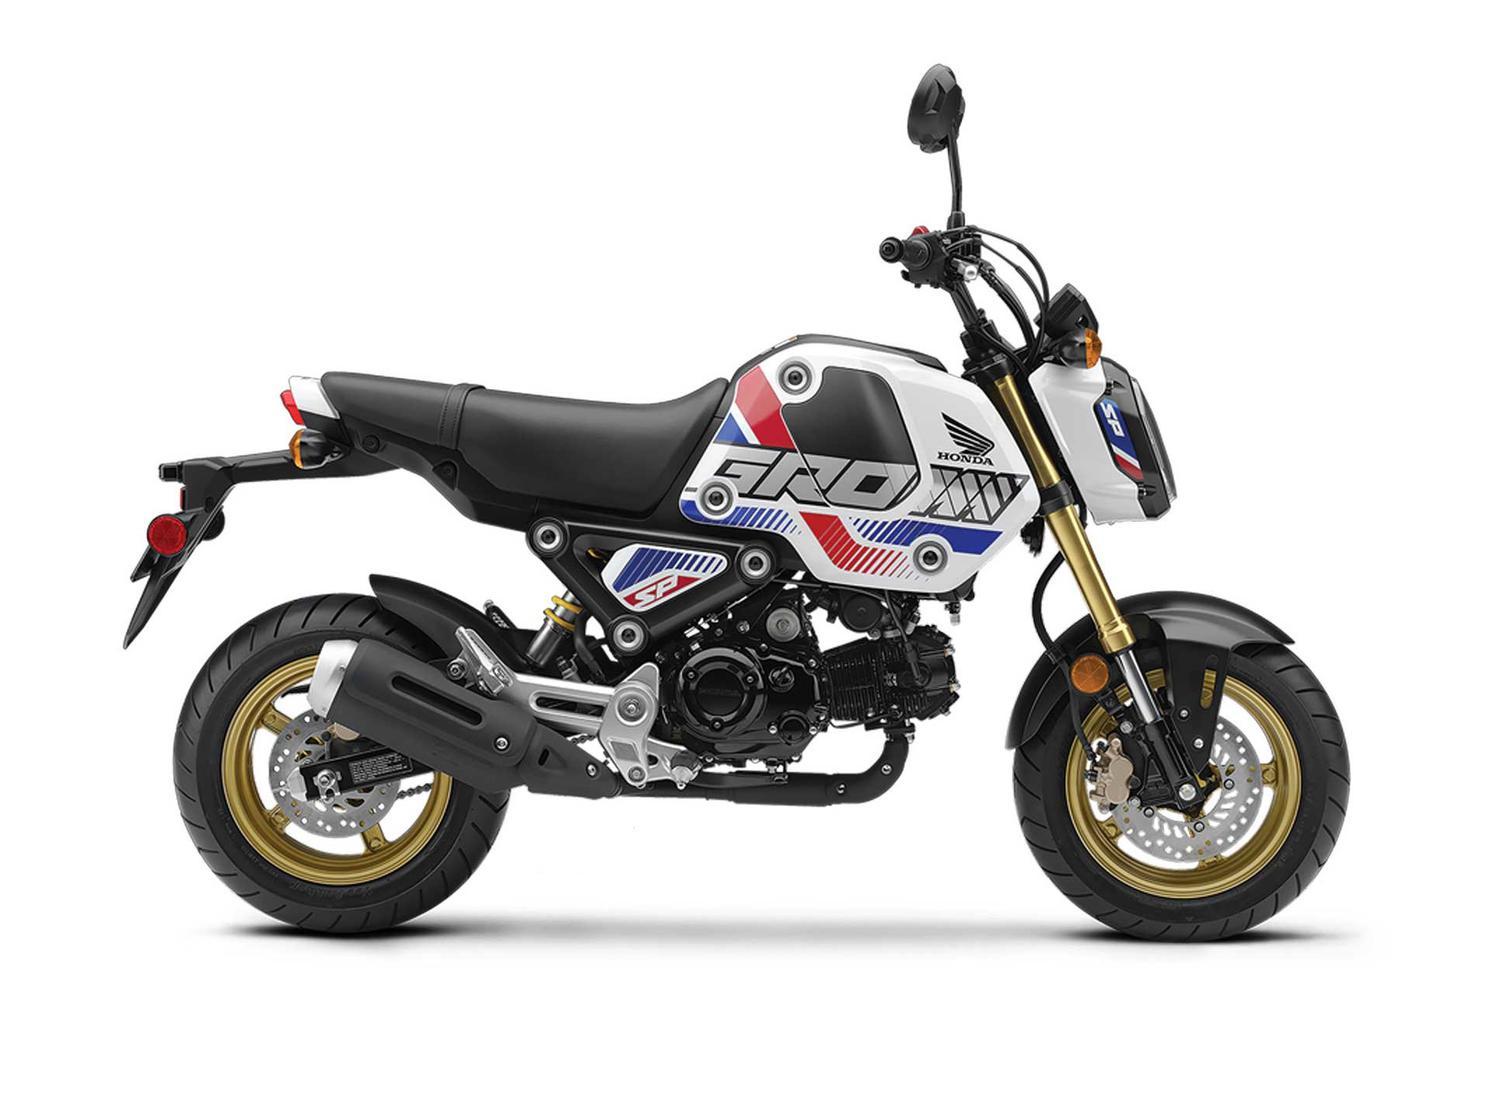 Honda grom 2022 - msx125n